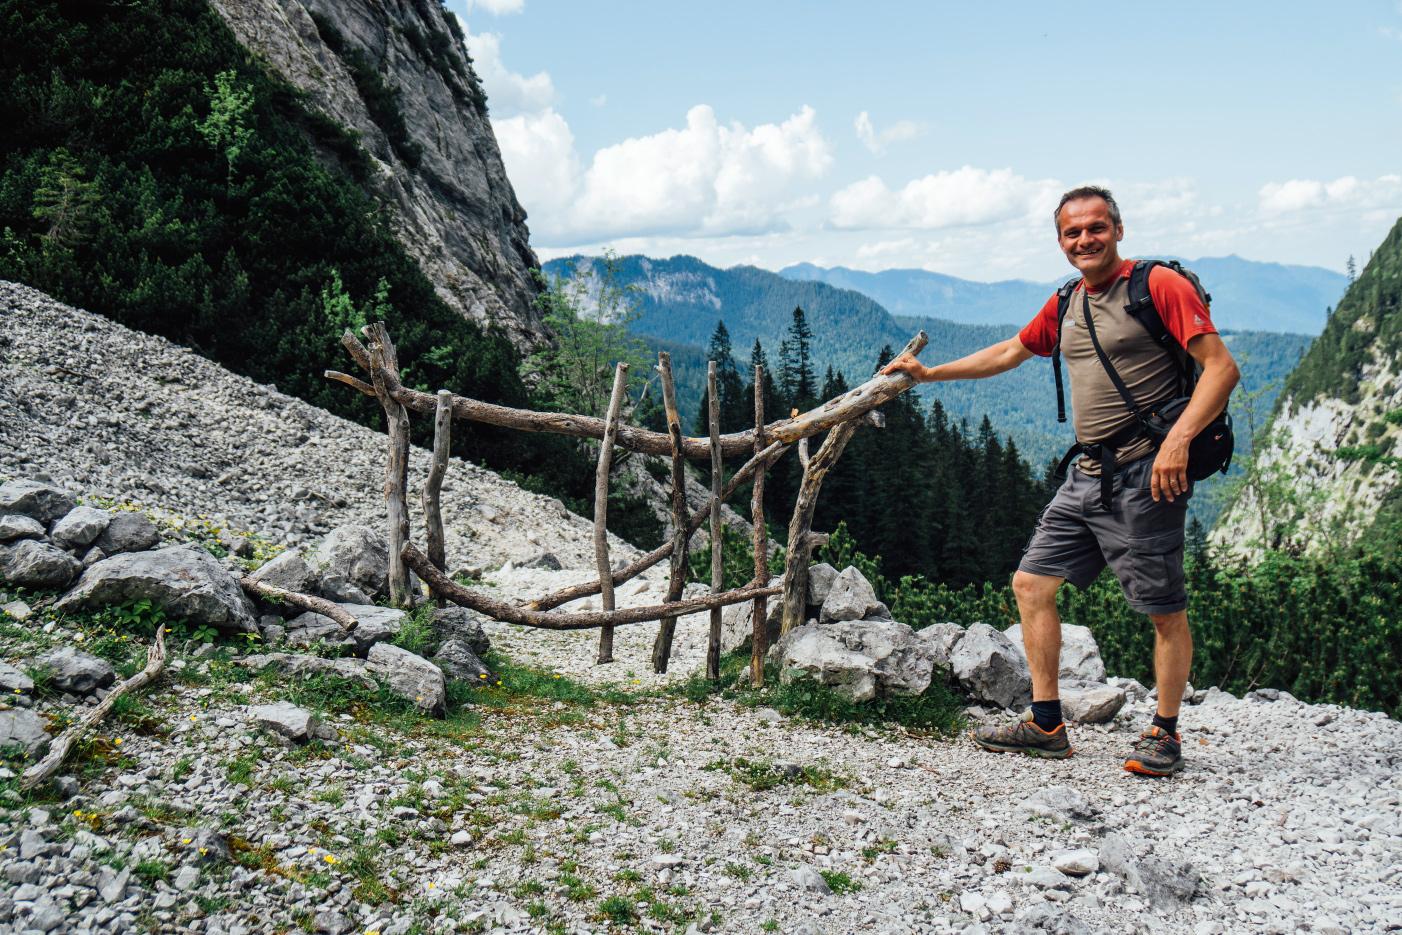 Dieser Sicherheitszaun an der Oberreintalhütte ist nur 1,5 Meter lang. Hüttenwirt Hans reicht das voll und ganz.